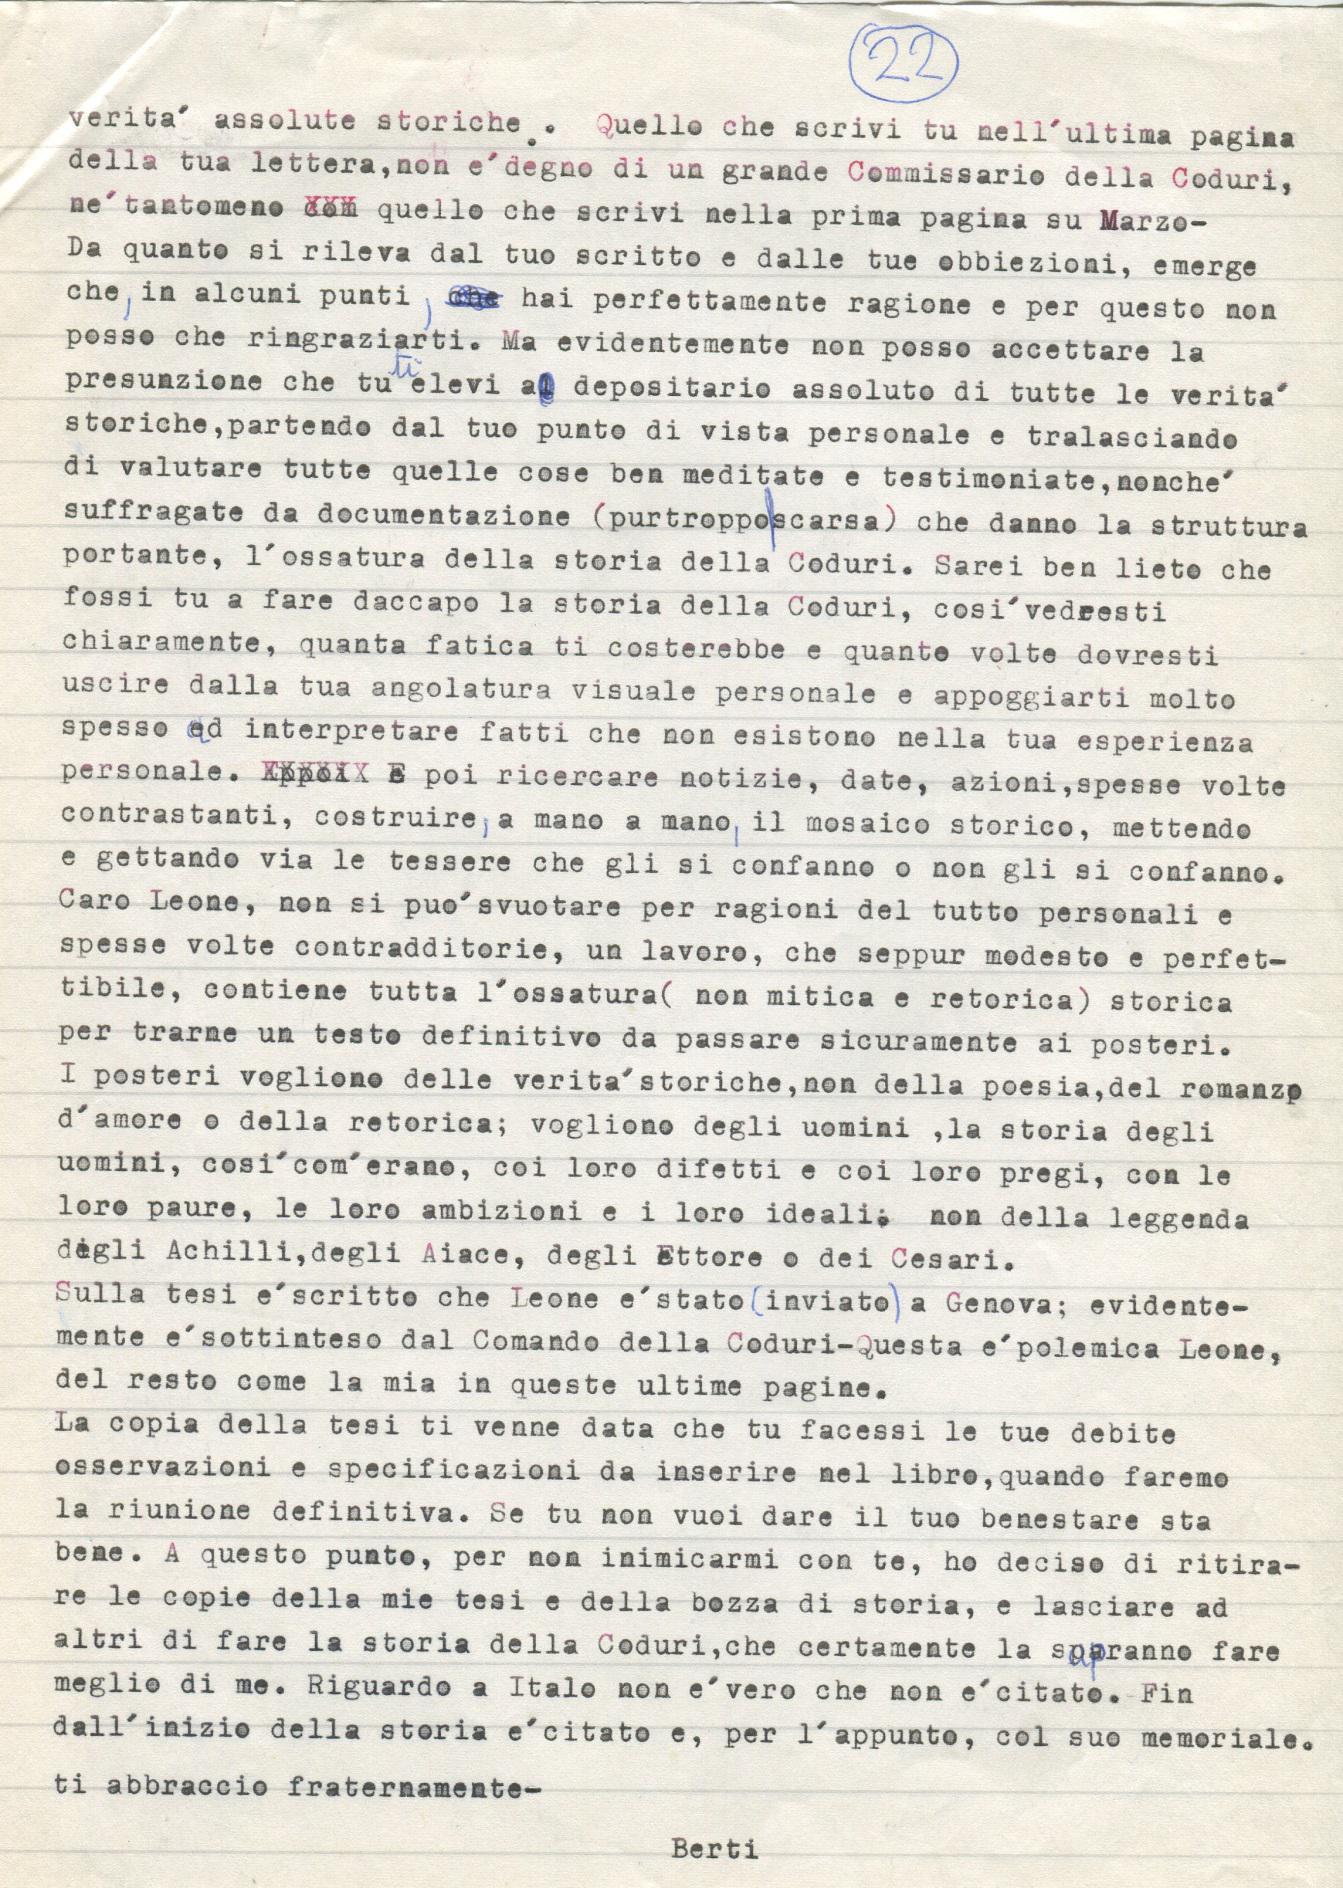 Lettera di Amato Berti a Bruno Monti Leone pag, 22